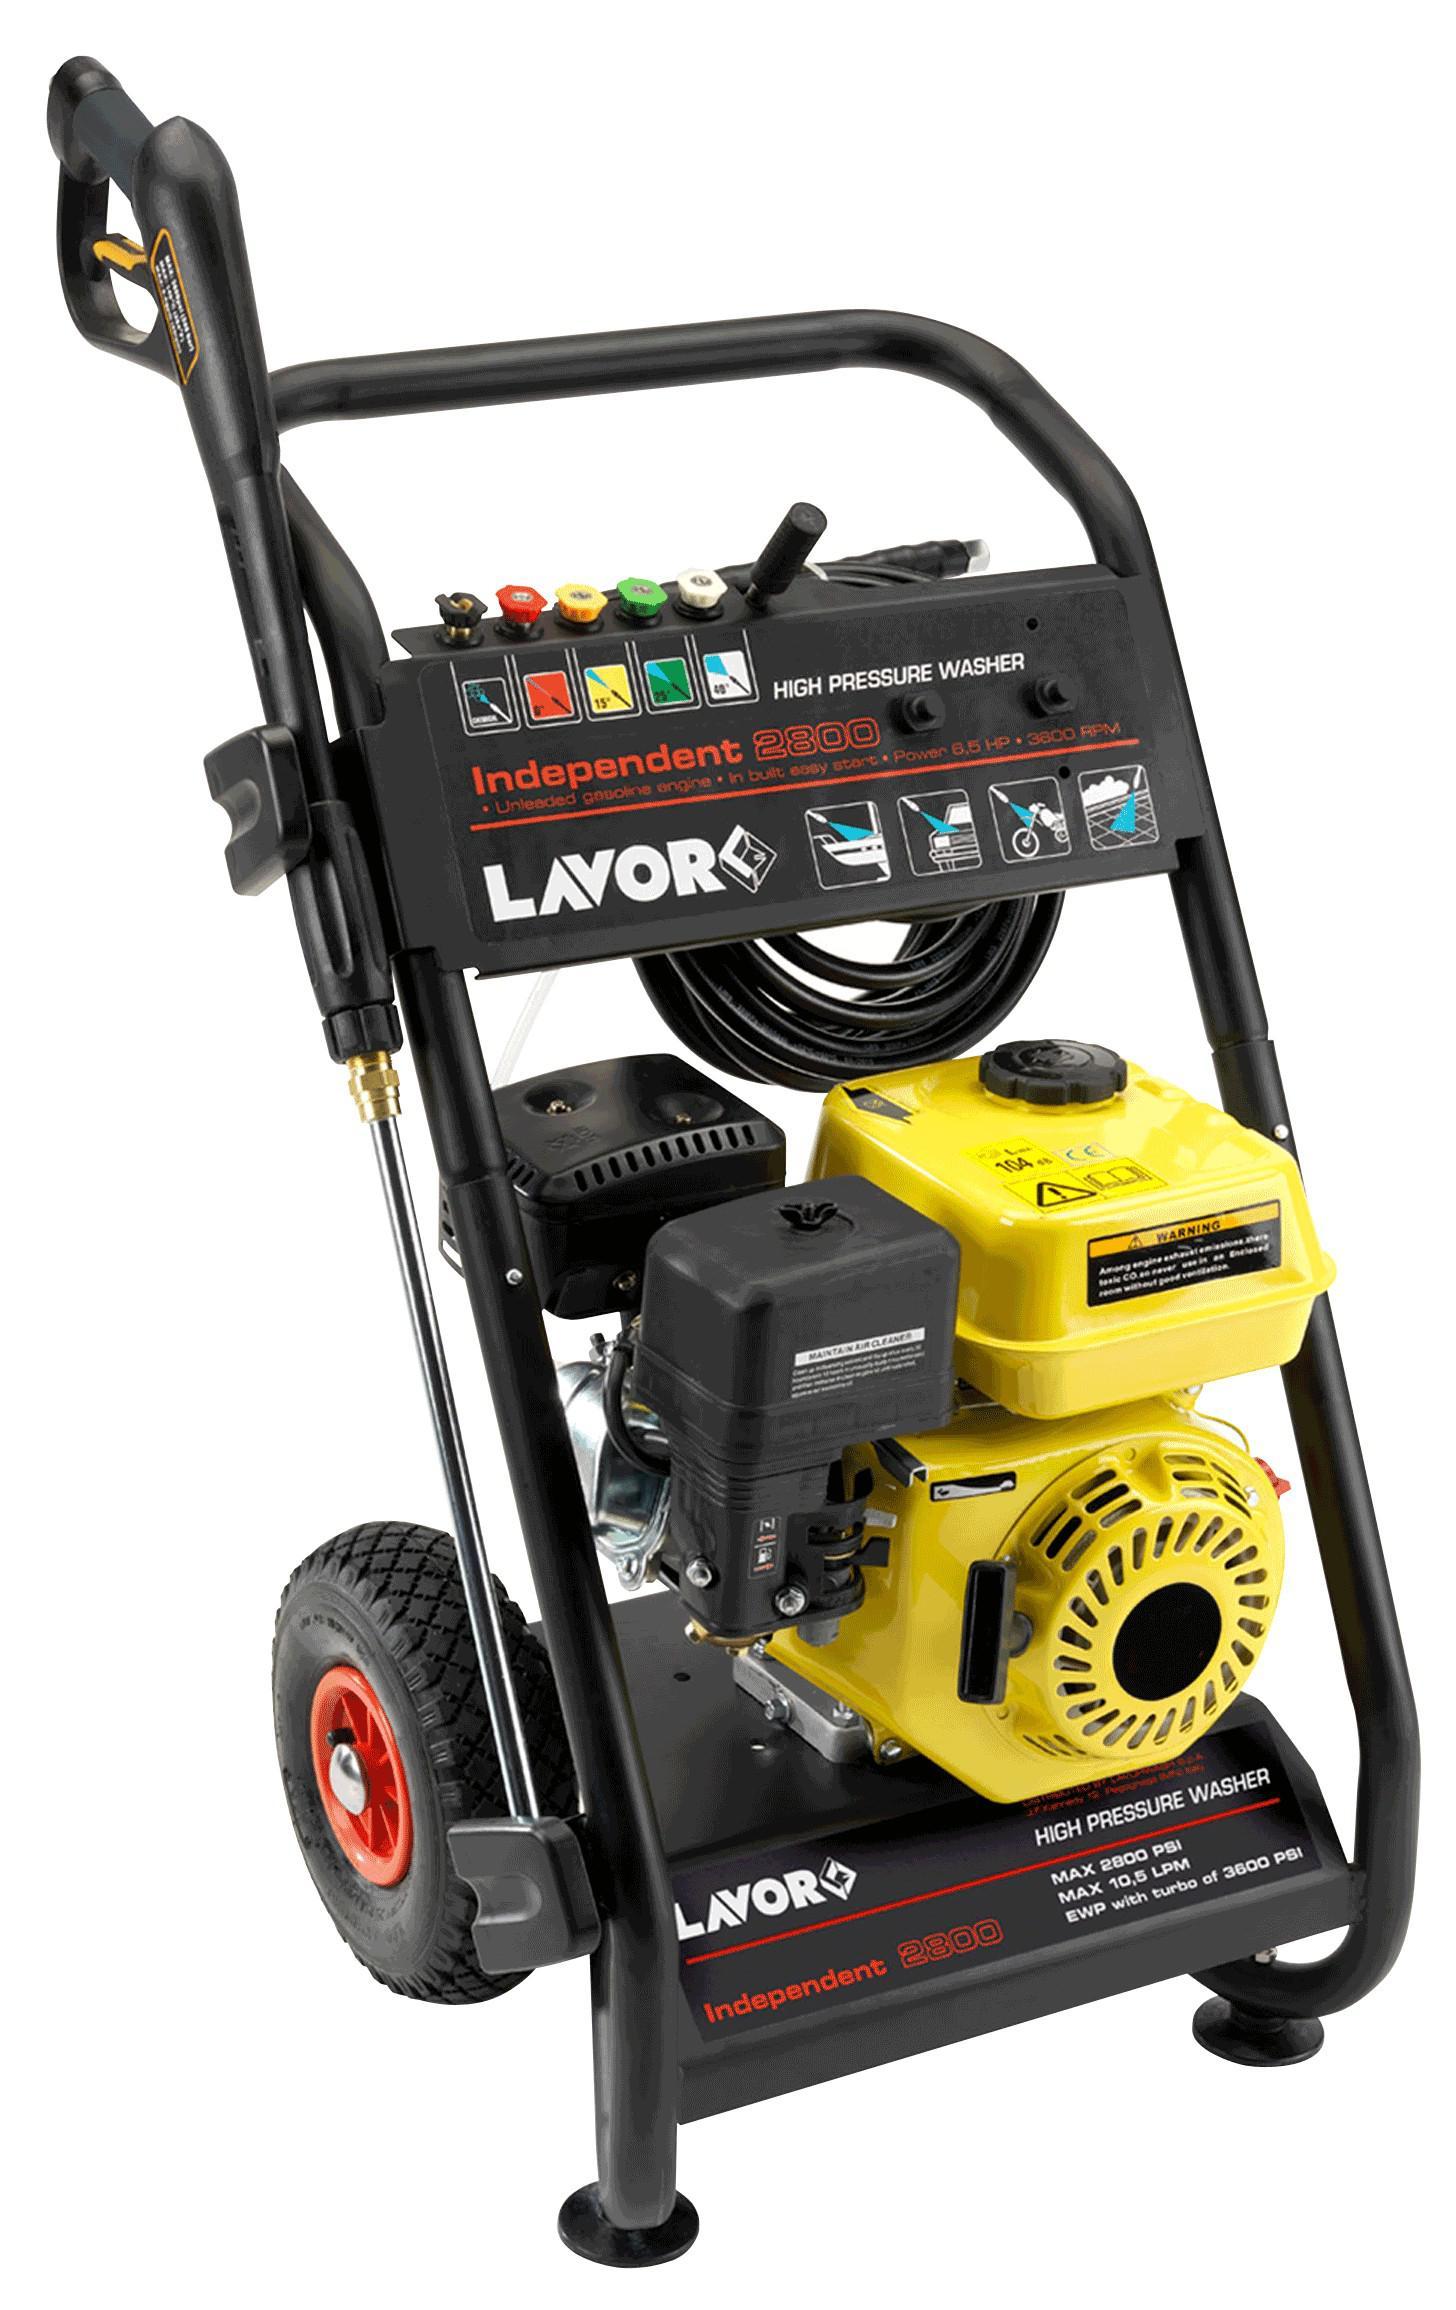 Бензиновая минимойка Lavor Wash independent 2800